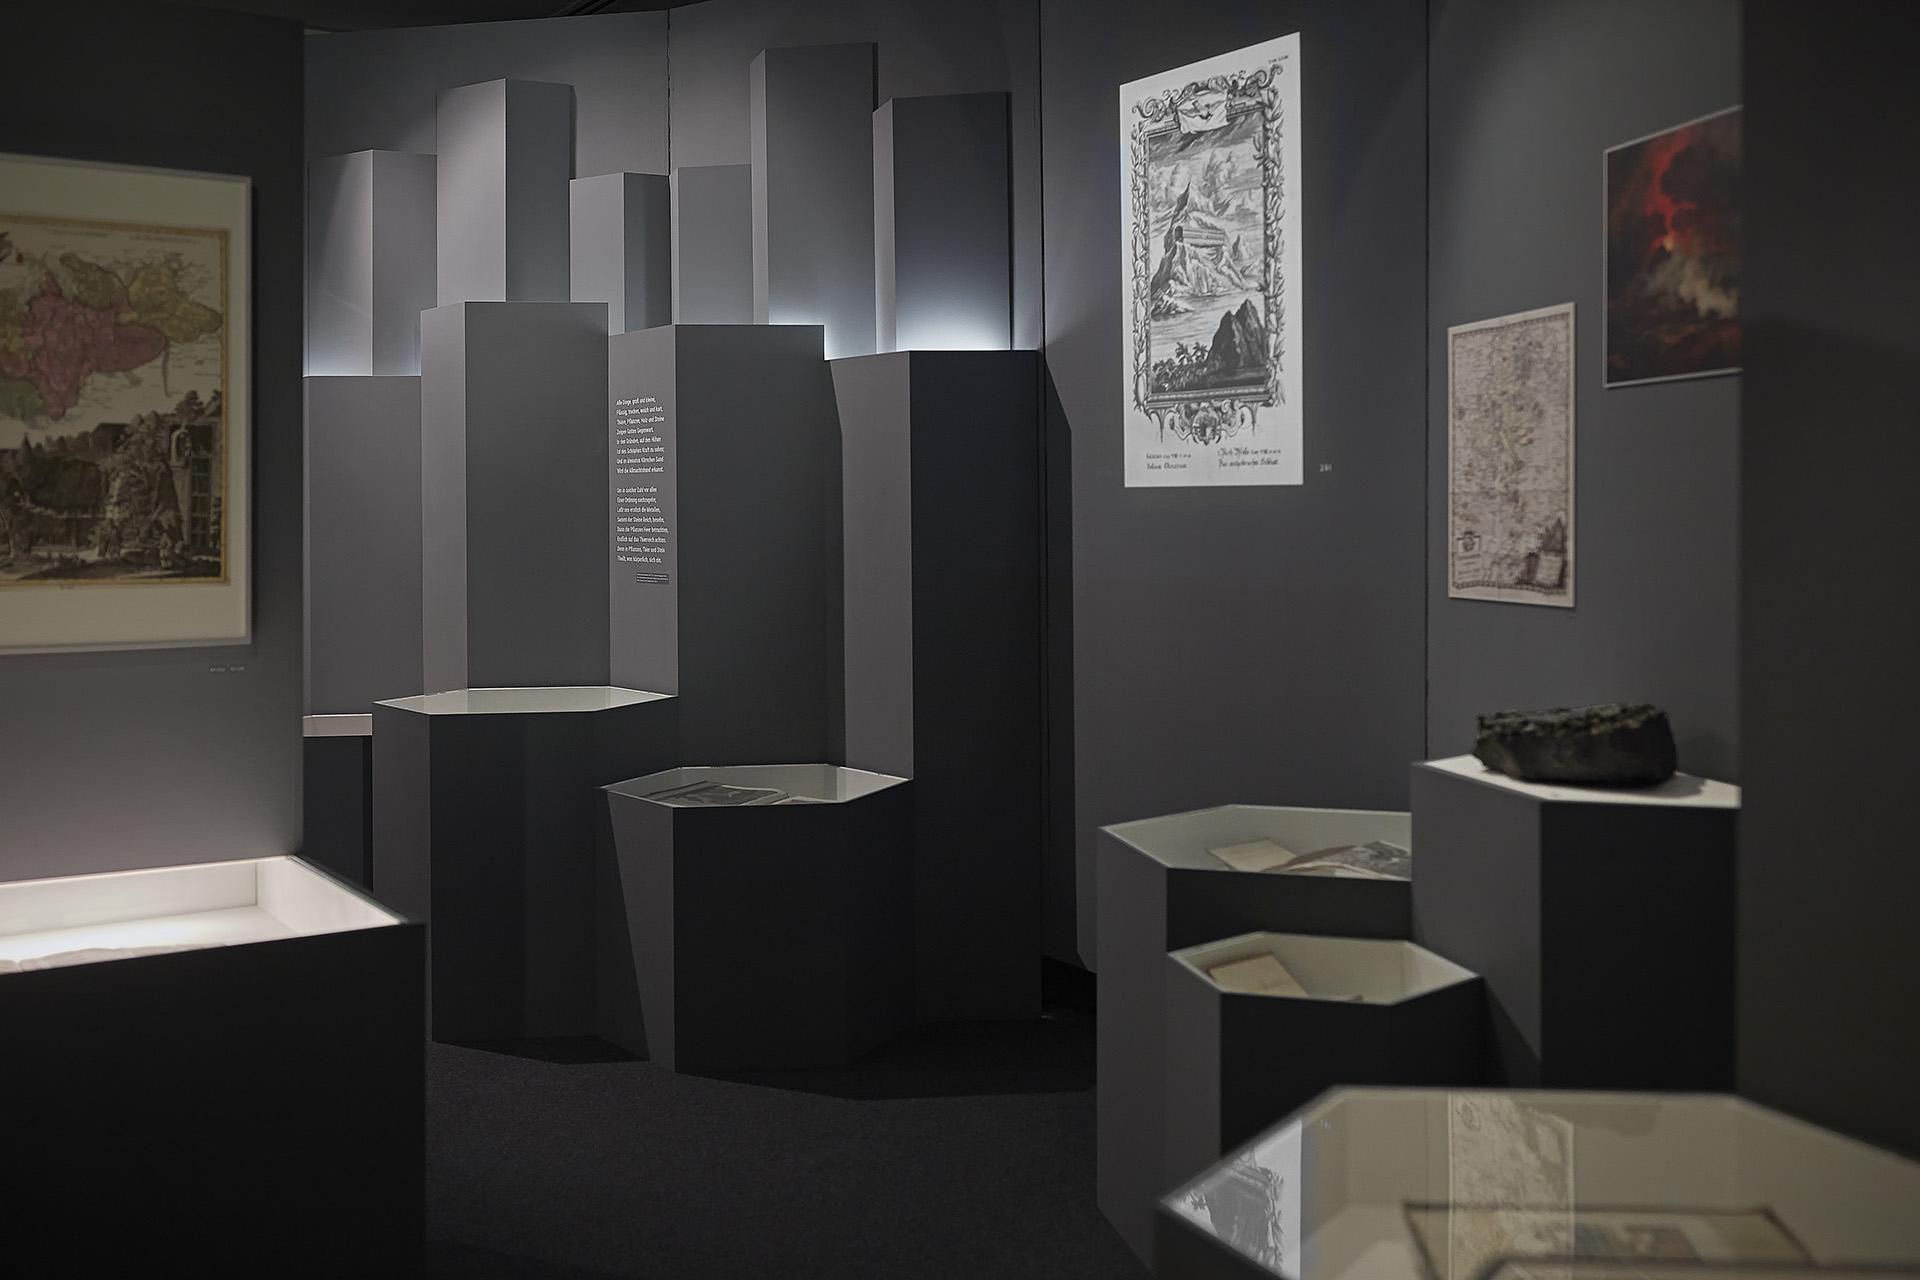 Raum 4, Im Steinbruch der Zeit, Formikat, Foto: Marco Warmuth